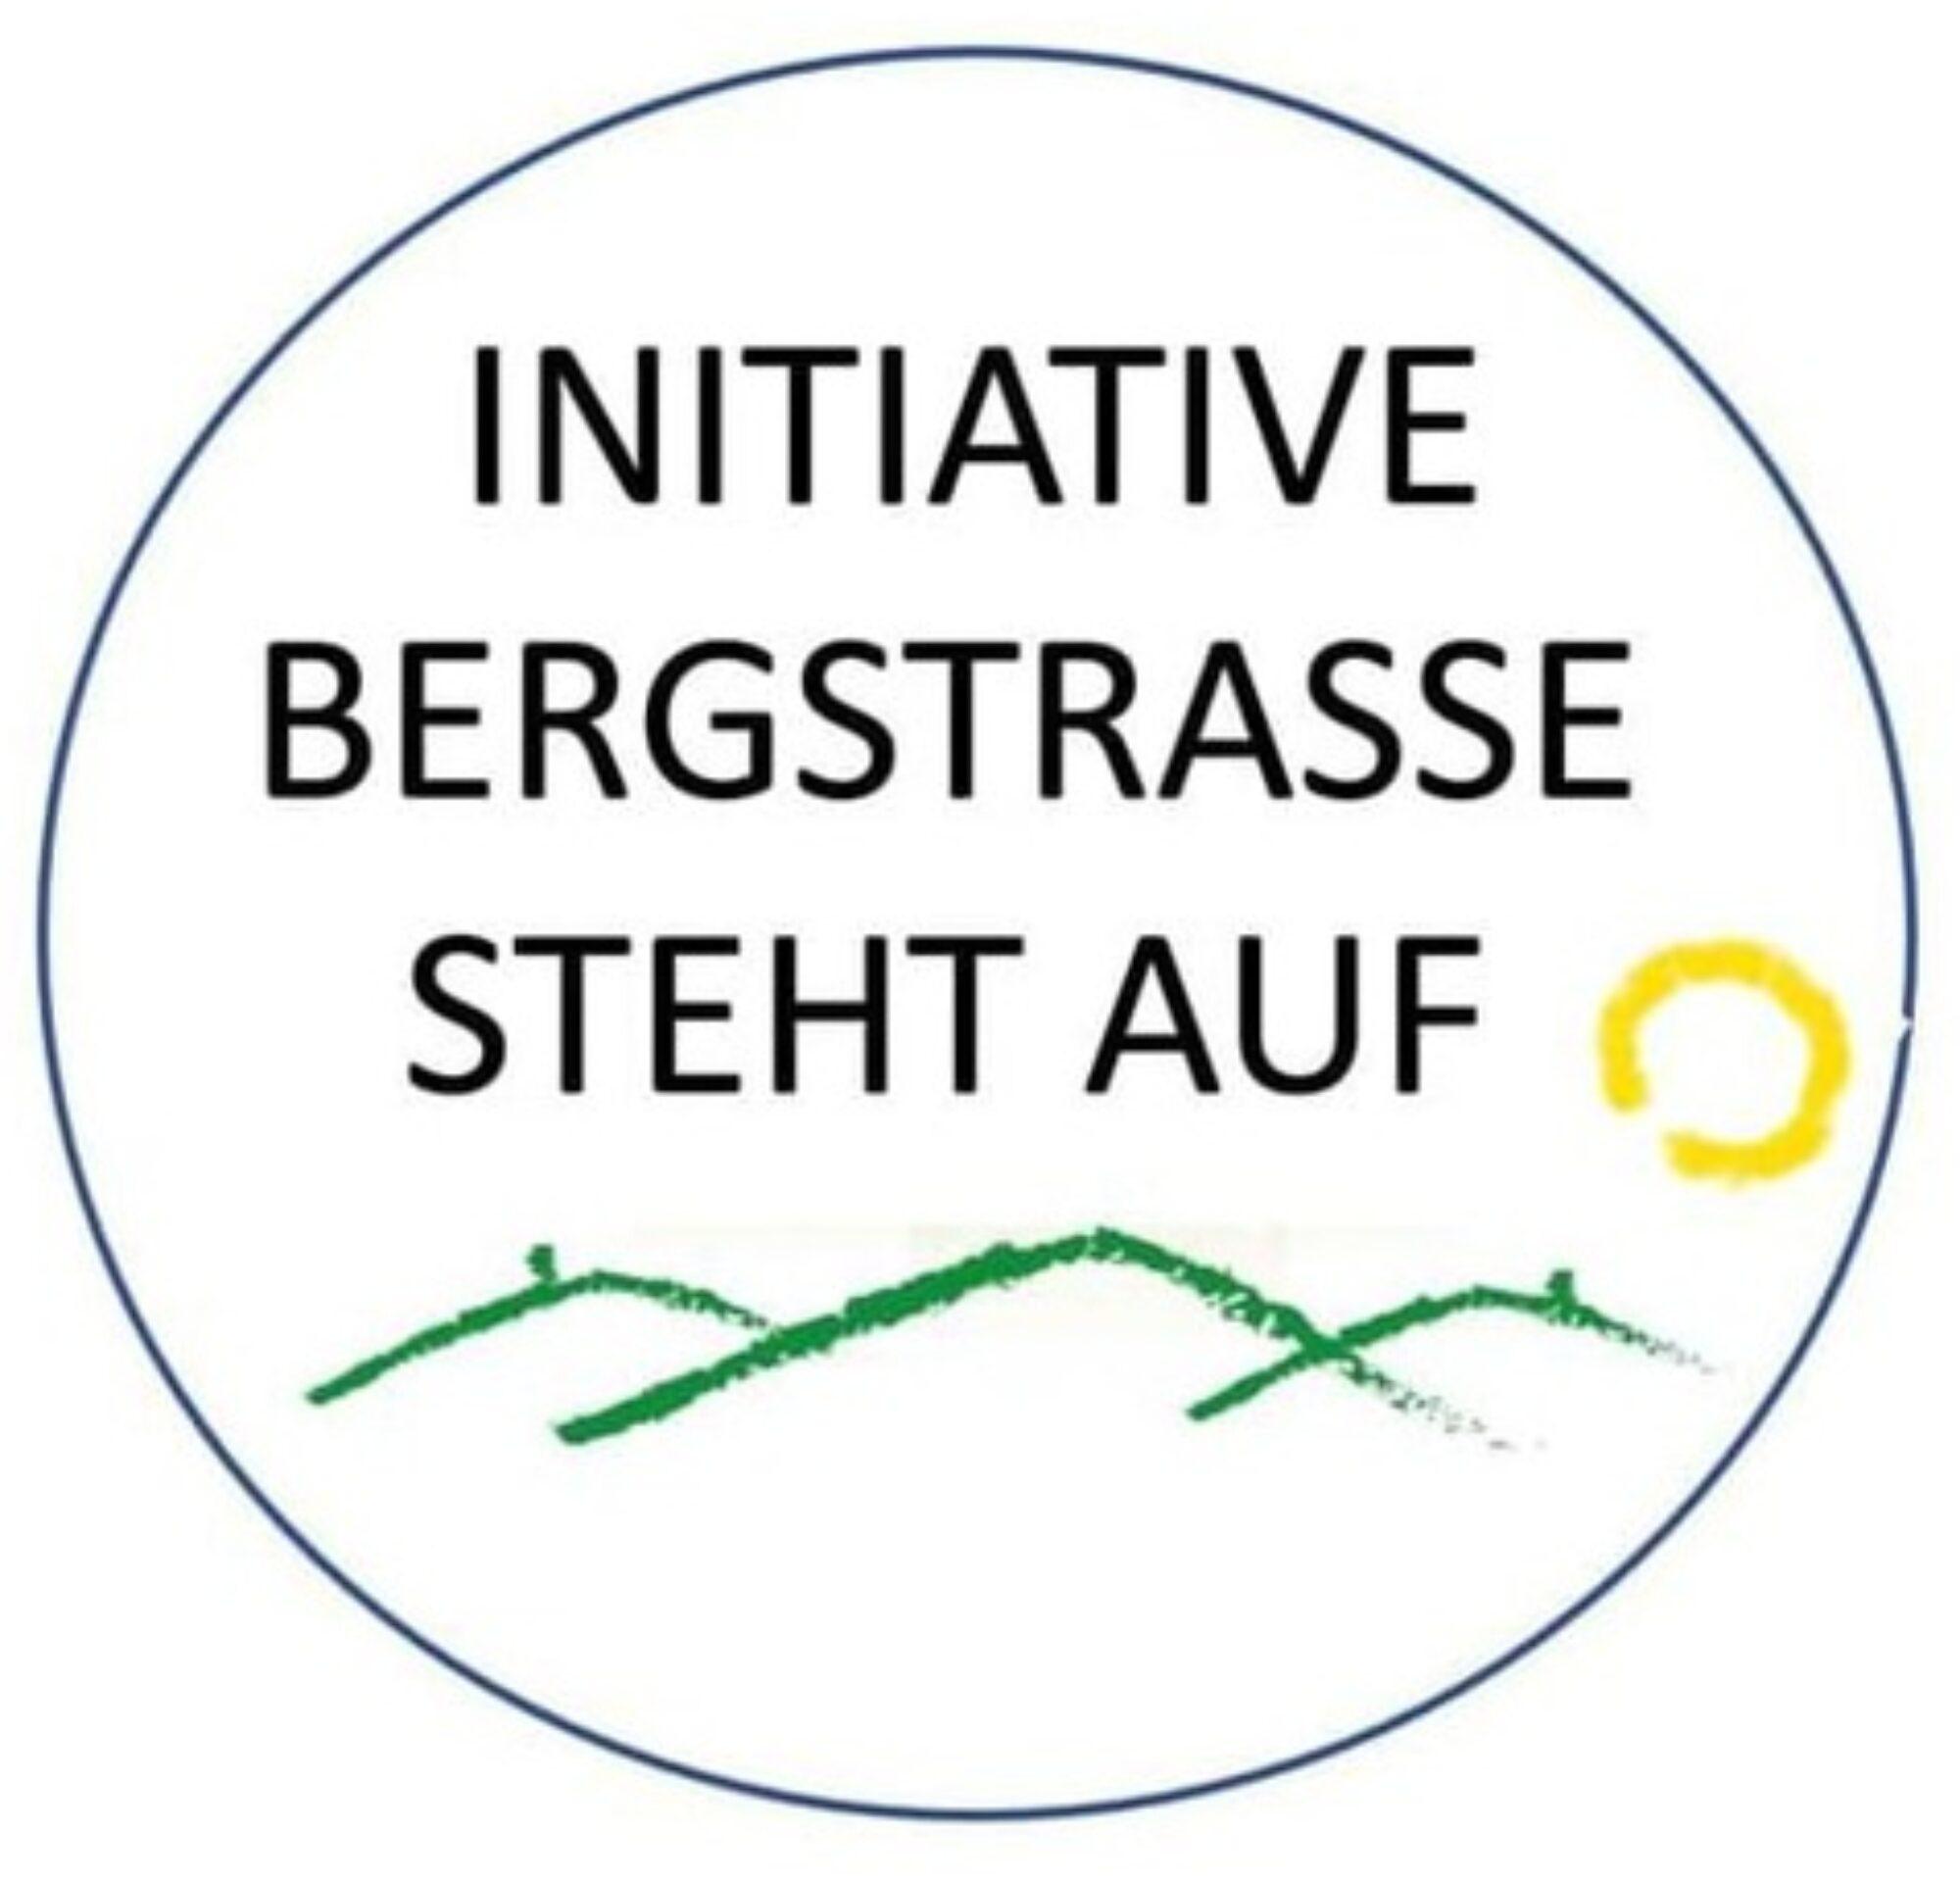 http://bergstrasse-steht-auf.de/